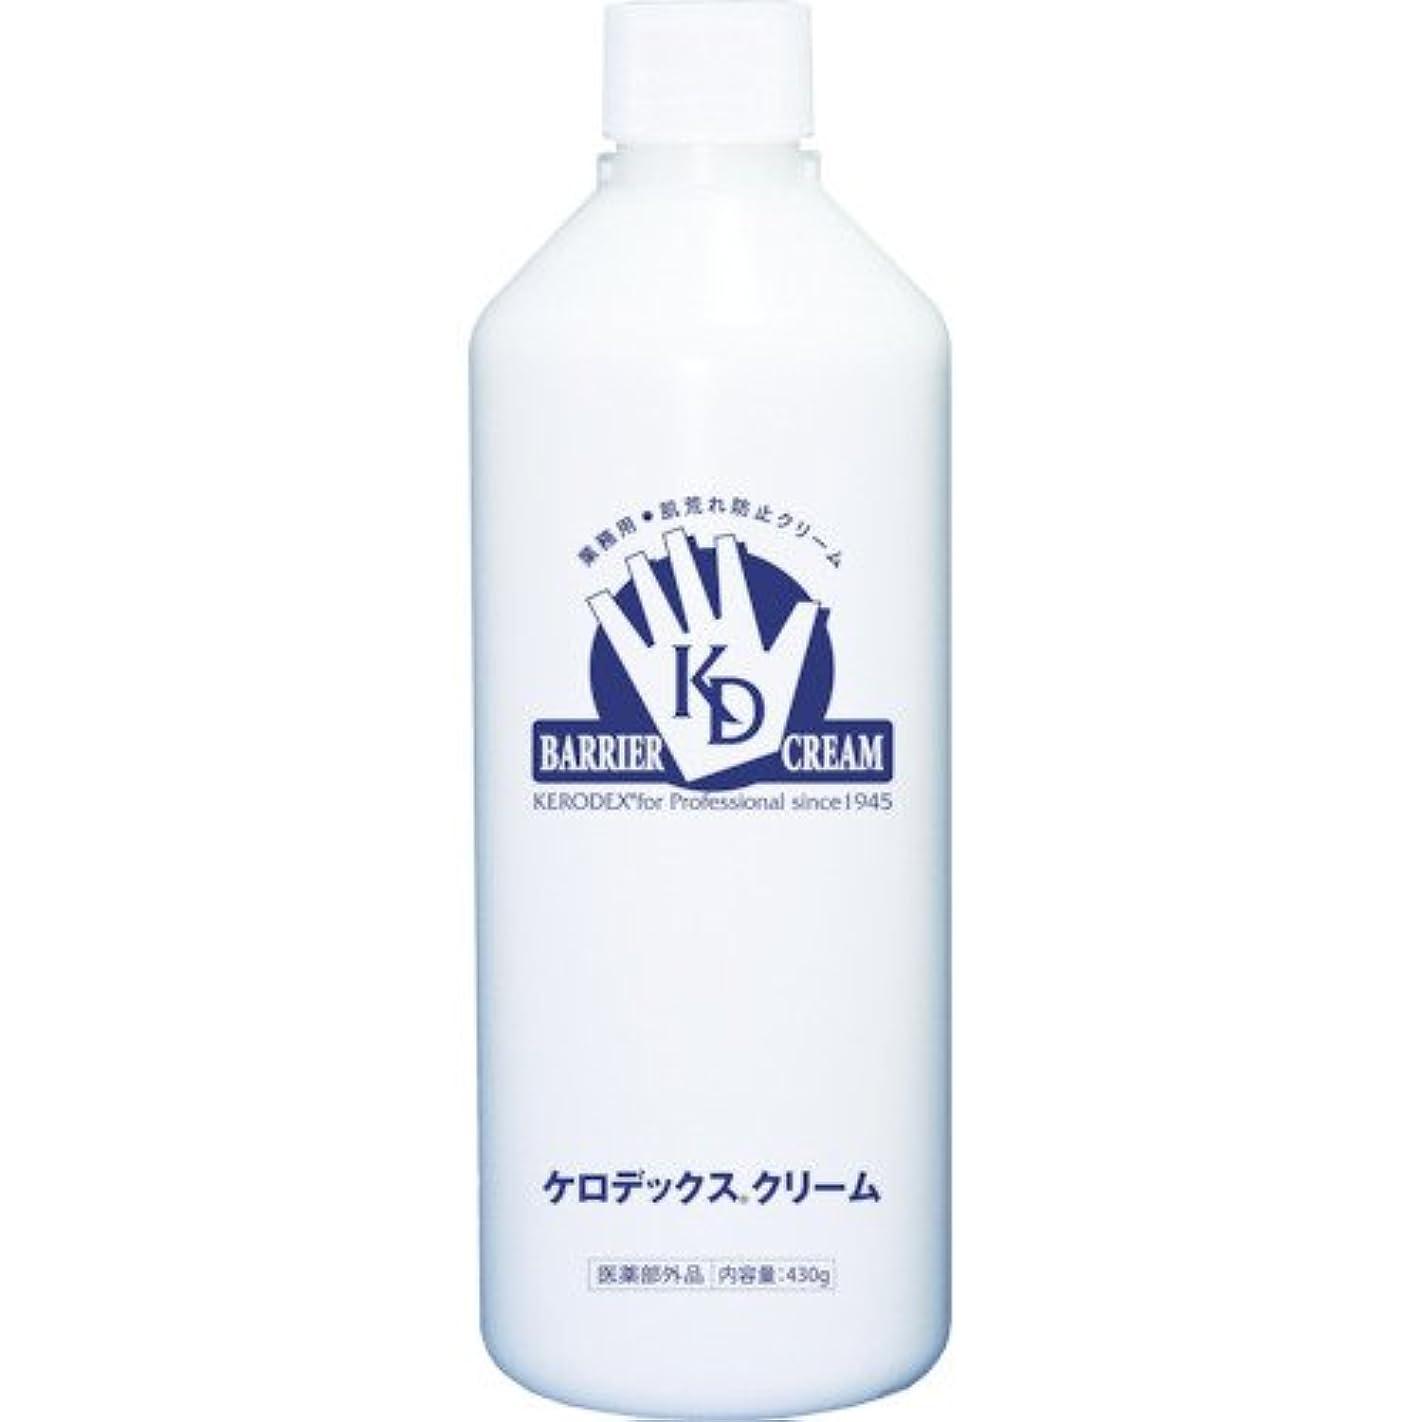 方程式司法いっぱいケロデックスクリーム ボトルタイプ 詰替用 430g